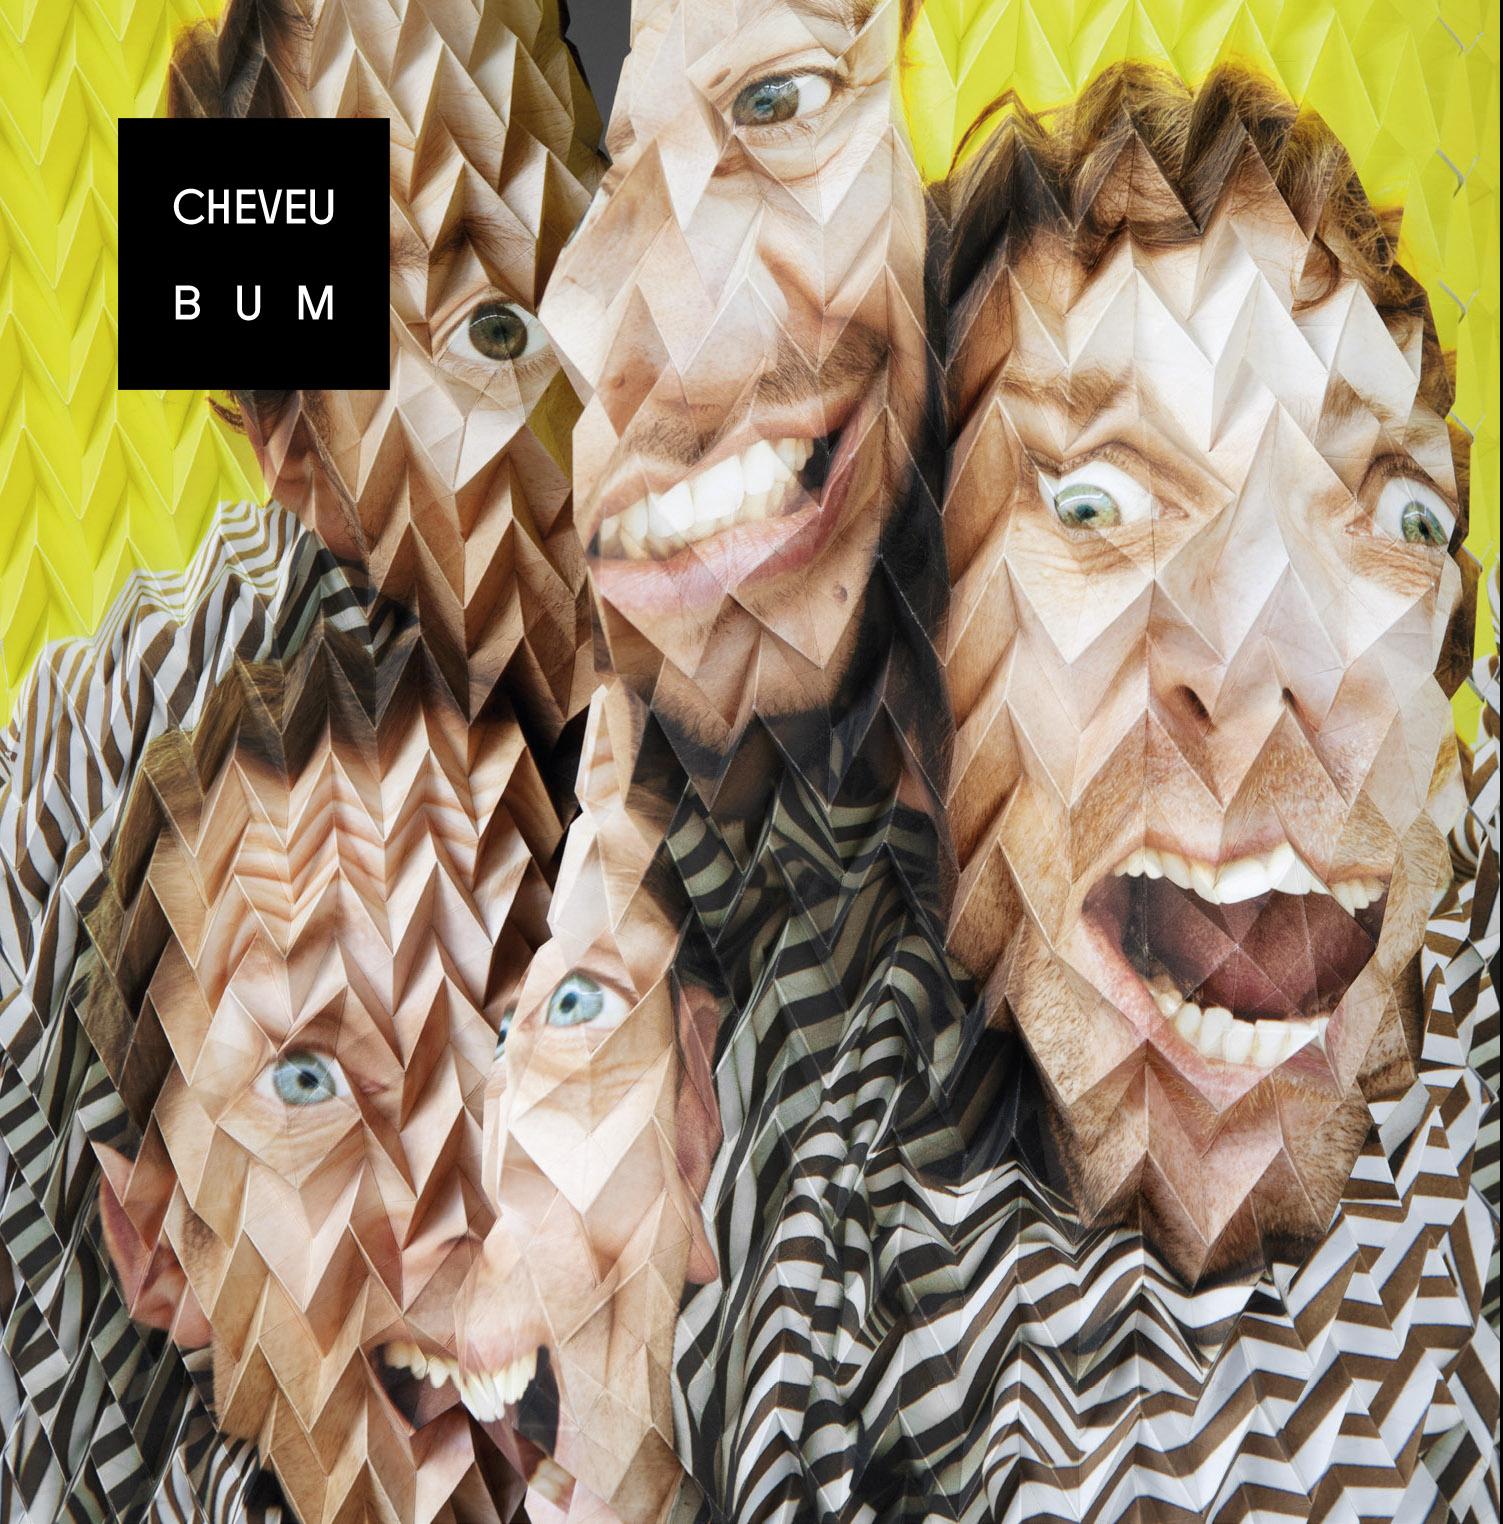 http://gonzai.com/wp-content/uploads/2014/01/CHEVEU-BUM-COVER-BASSE-DEF.jpg